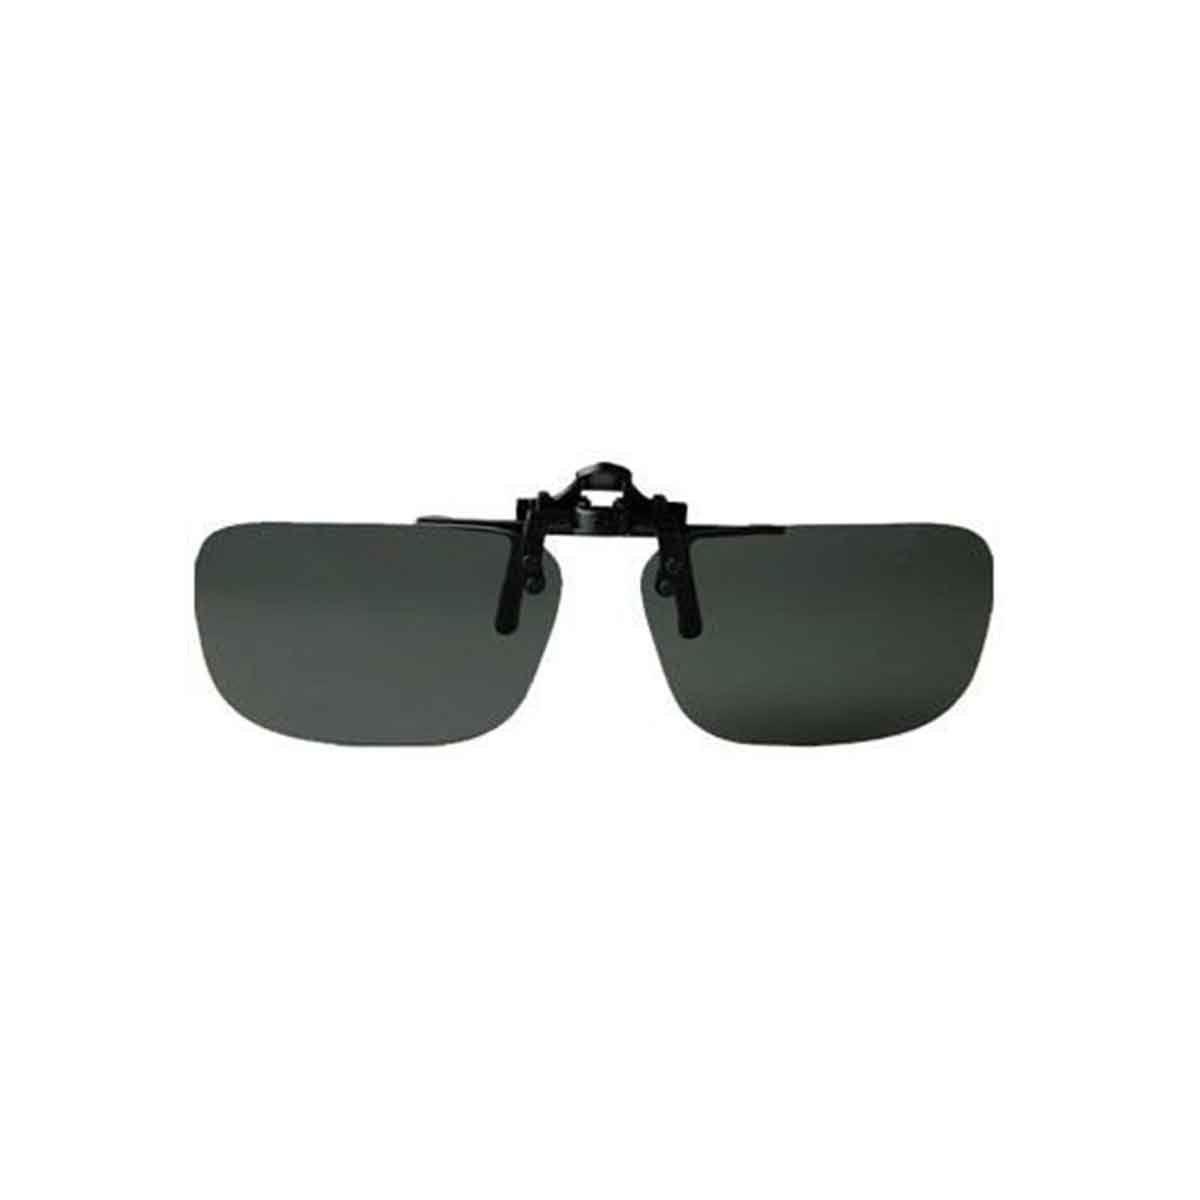 Clip Rapala Preto p/ Afixar no Óculos - Lentes Polarizadas